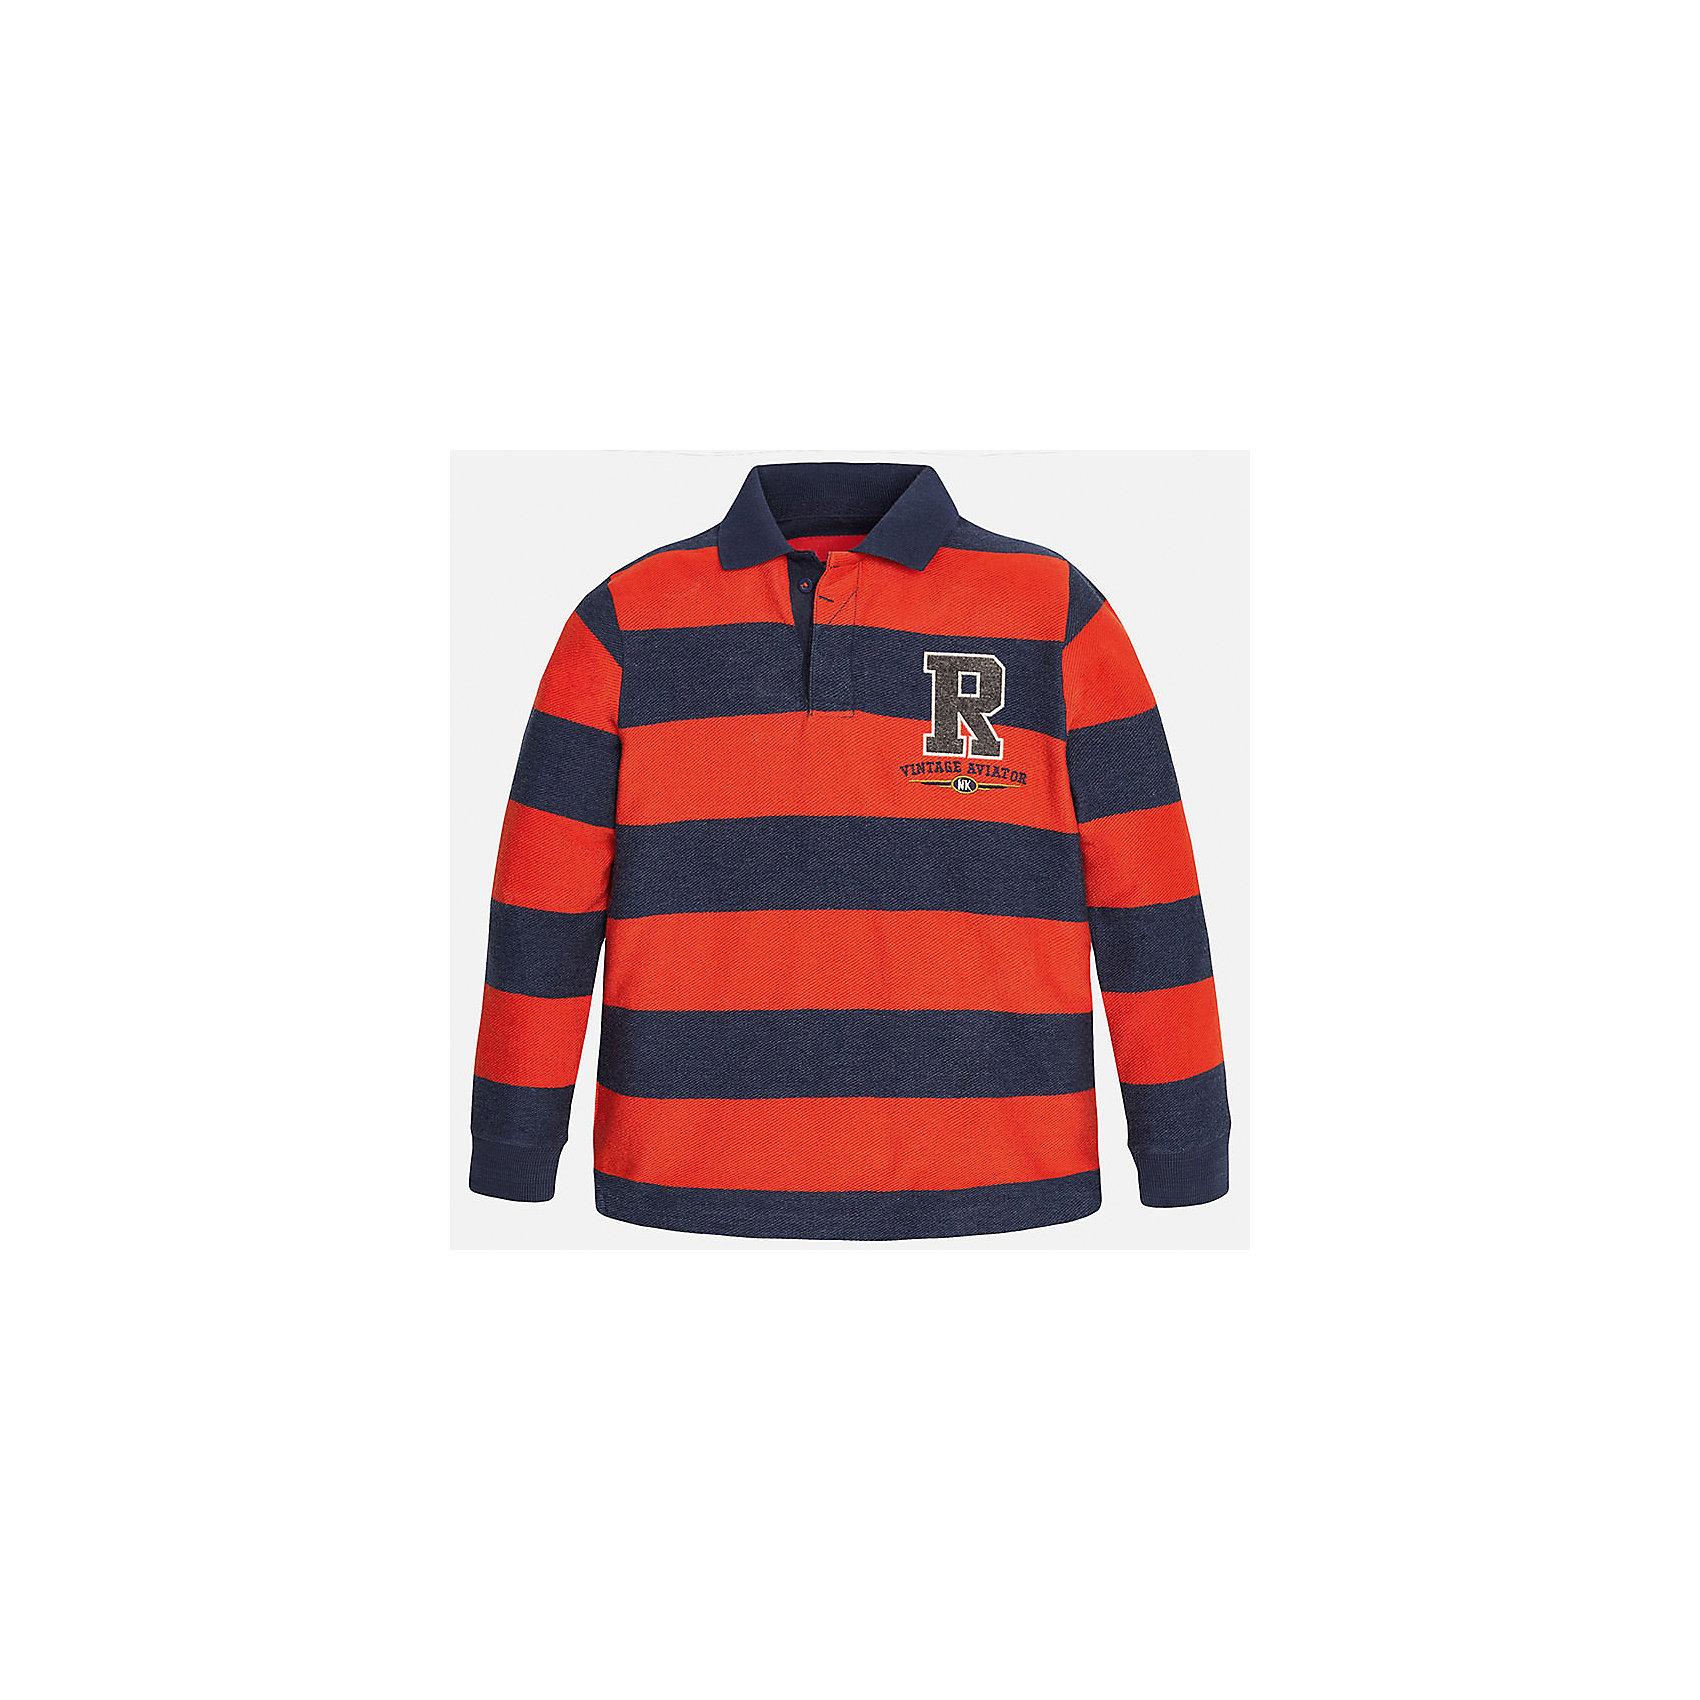 Футболка-поло с длинным рукавом для мальчика MayoralФутболки с длинным рукавом<br>Рубашка-поло для мальчика от известного испанского бренда Mayoral(Майорал). Рубашка изготовлена из качественного хлопка, застегивается на 3 пуговицы на вороте. Имеет слегка зауженные манжеты, аппликацию на груди и дизайн в полоску. Отличный вариант на каждый день!<br><br>Дополнительная информация:<br>Состав: 100% хлопок<br>Цвет: красный/темно-синий<br>Вы можете приобрести рубашку-поло для мальчика Mayoral(Майорал) в нашем интернет-магазине.<br><br>Ширина мм: 174<br>Глубина мм: 10<br>Высота мм: 169<br>Вес г: 157<br>Цвет: красный<br>Возраст от месяцев: 144<br>Возраст до месяцев: 156<br>Пол: Мужской<br>Возраст: Детский<br>Размер: 152/158,164/170,158/164,140/146,128/134,146/152<br>SKU: 4826849